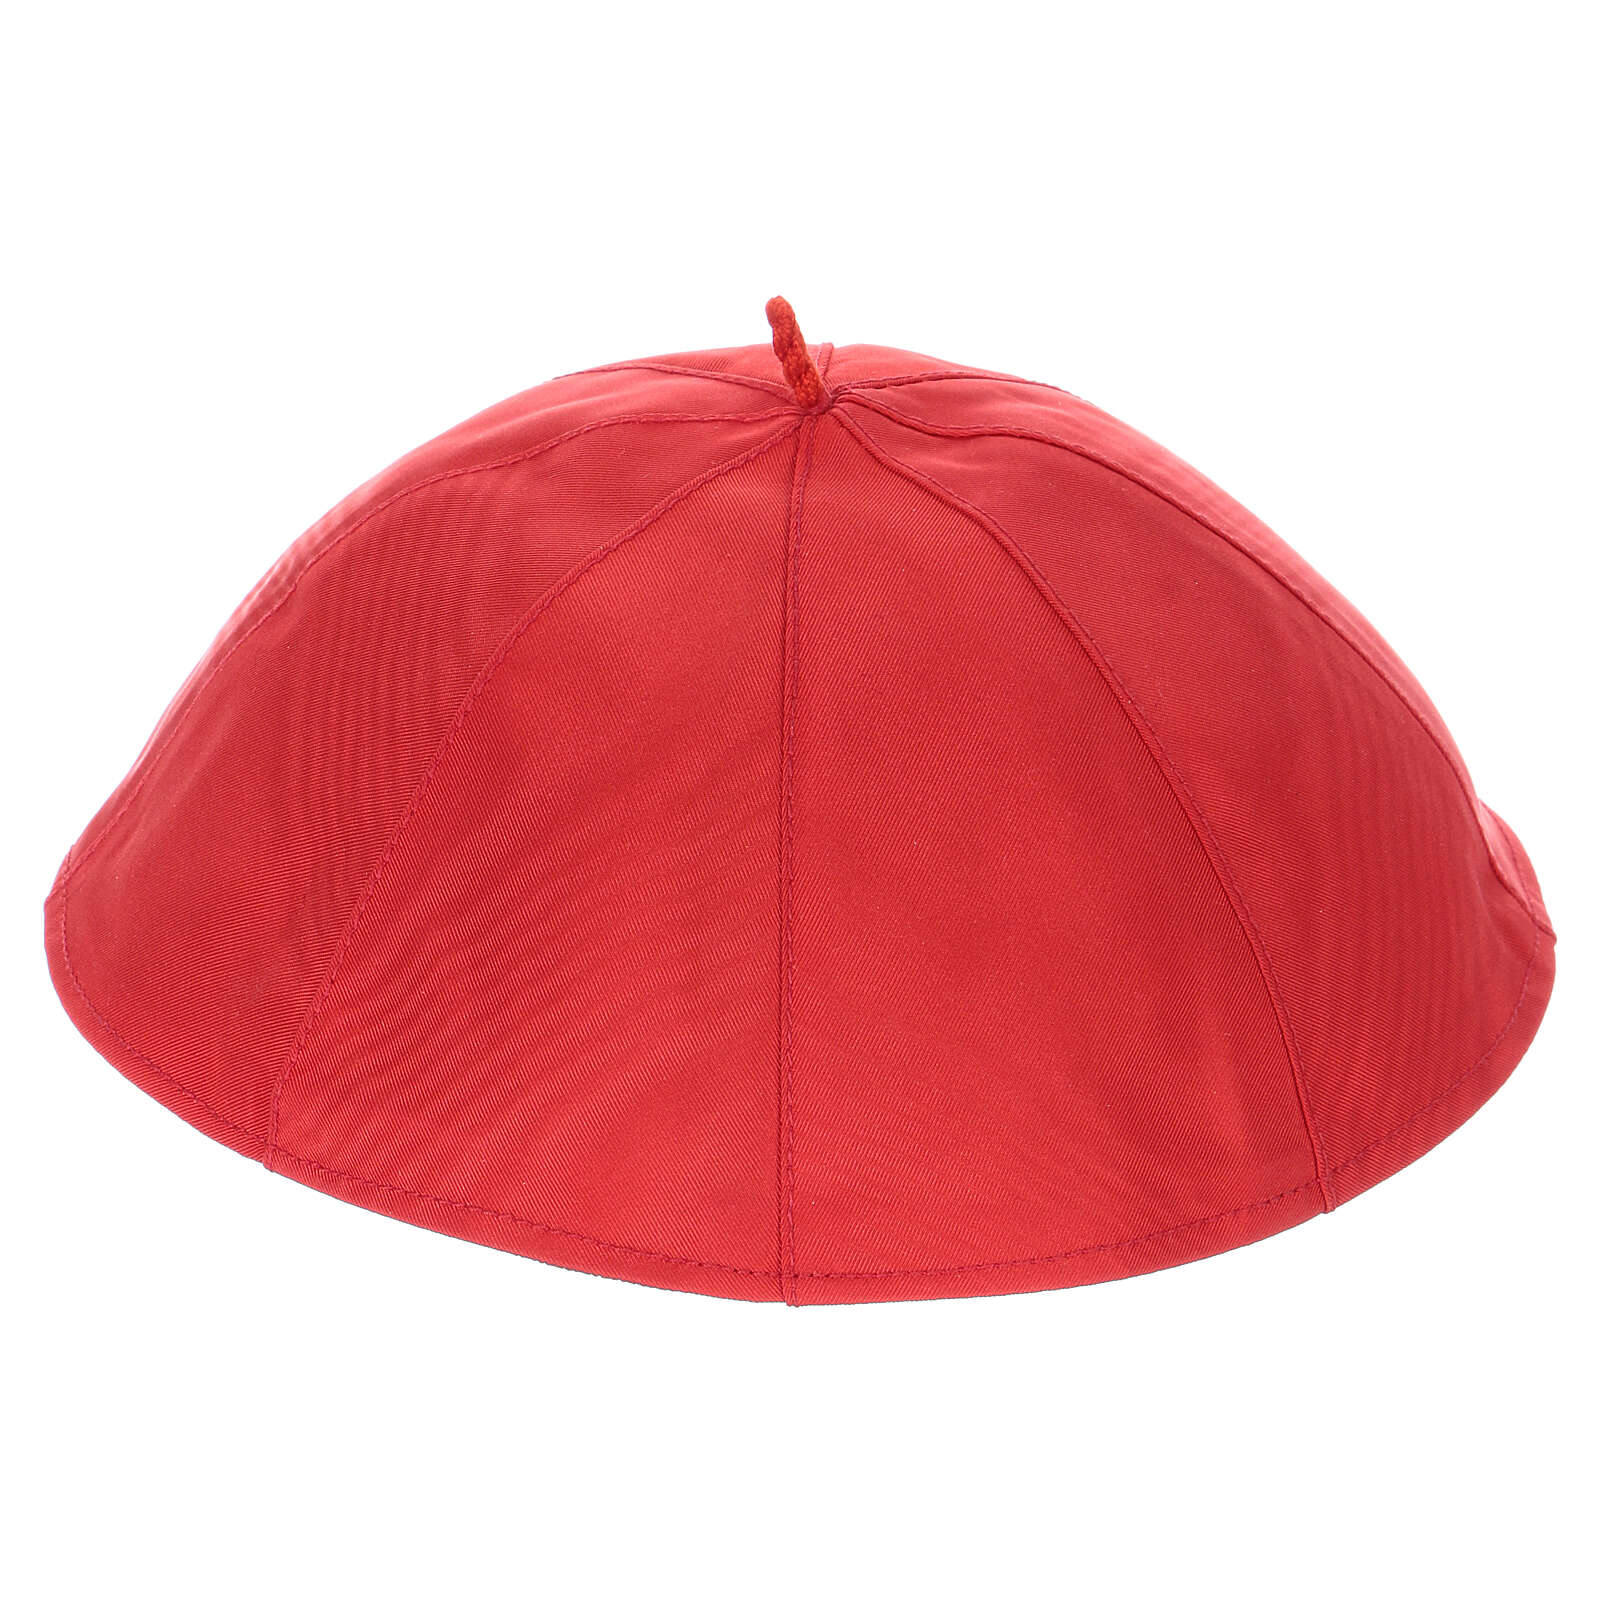 Solidéu em seda pura vermelha 3